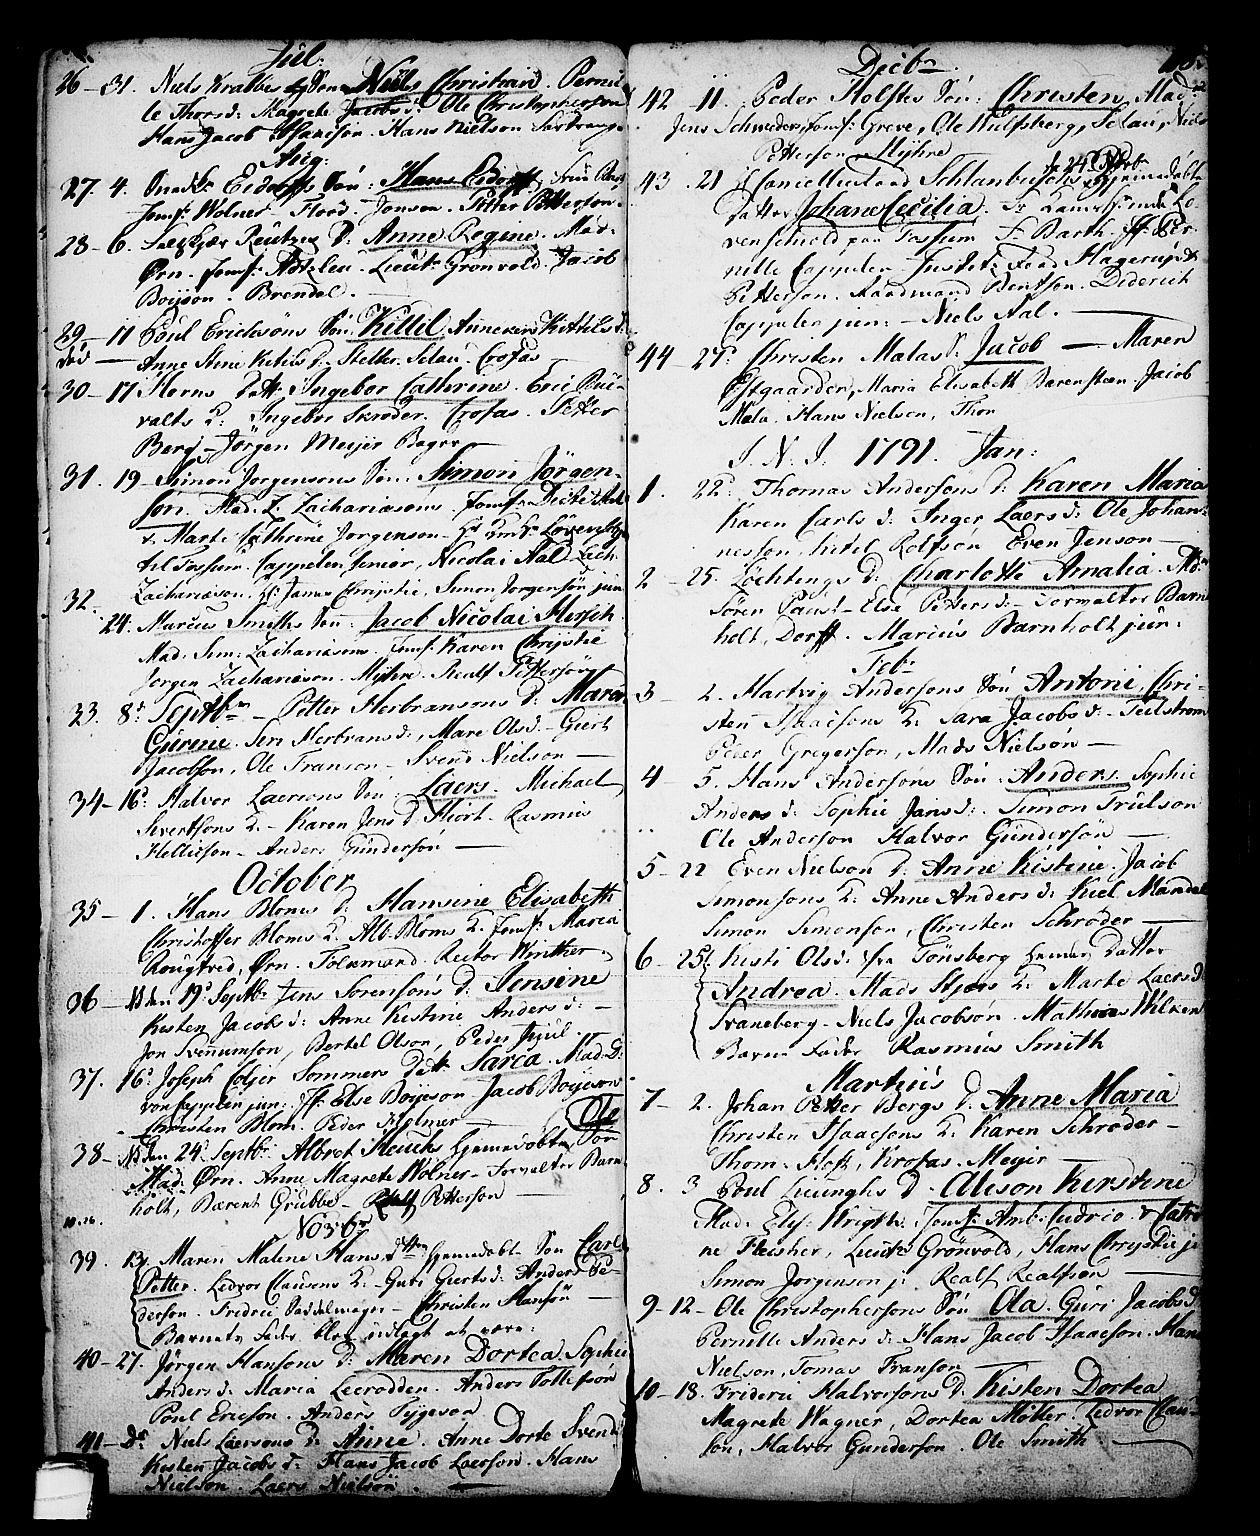 SAKO, Skien kirkebøker, G/Ga/L0001: Klokkerbok nr. 1, 1756-1791, s. 118